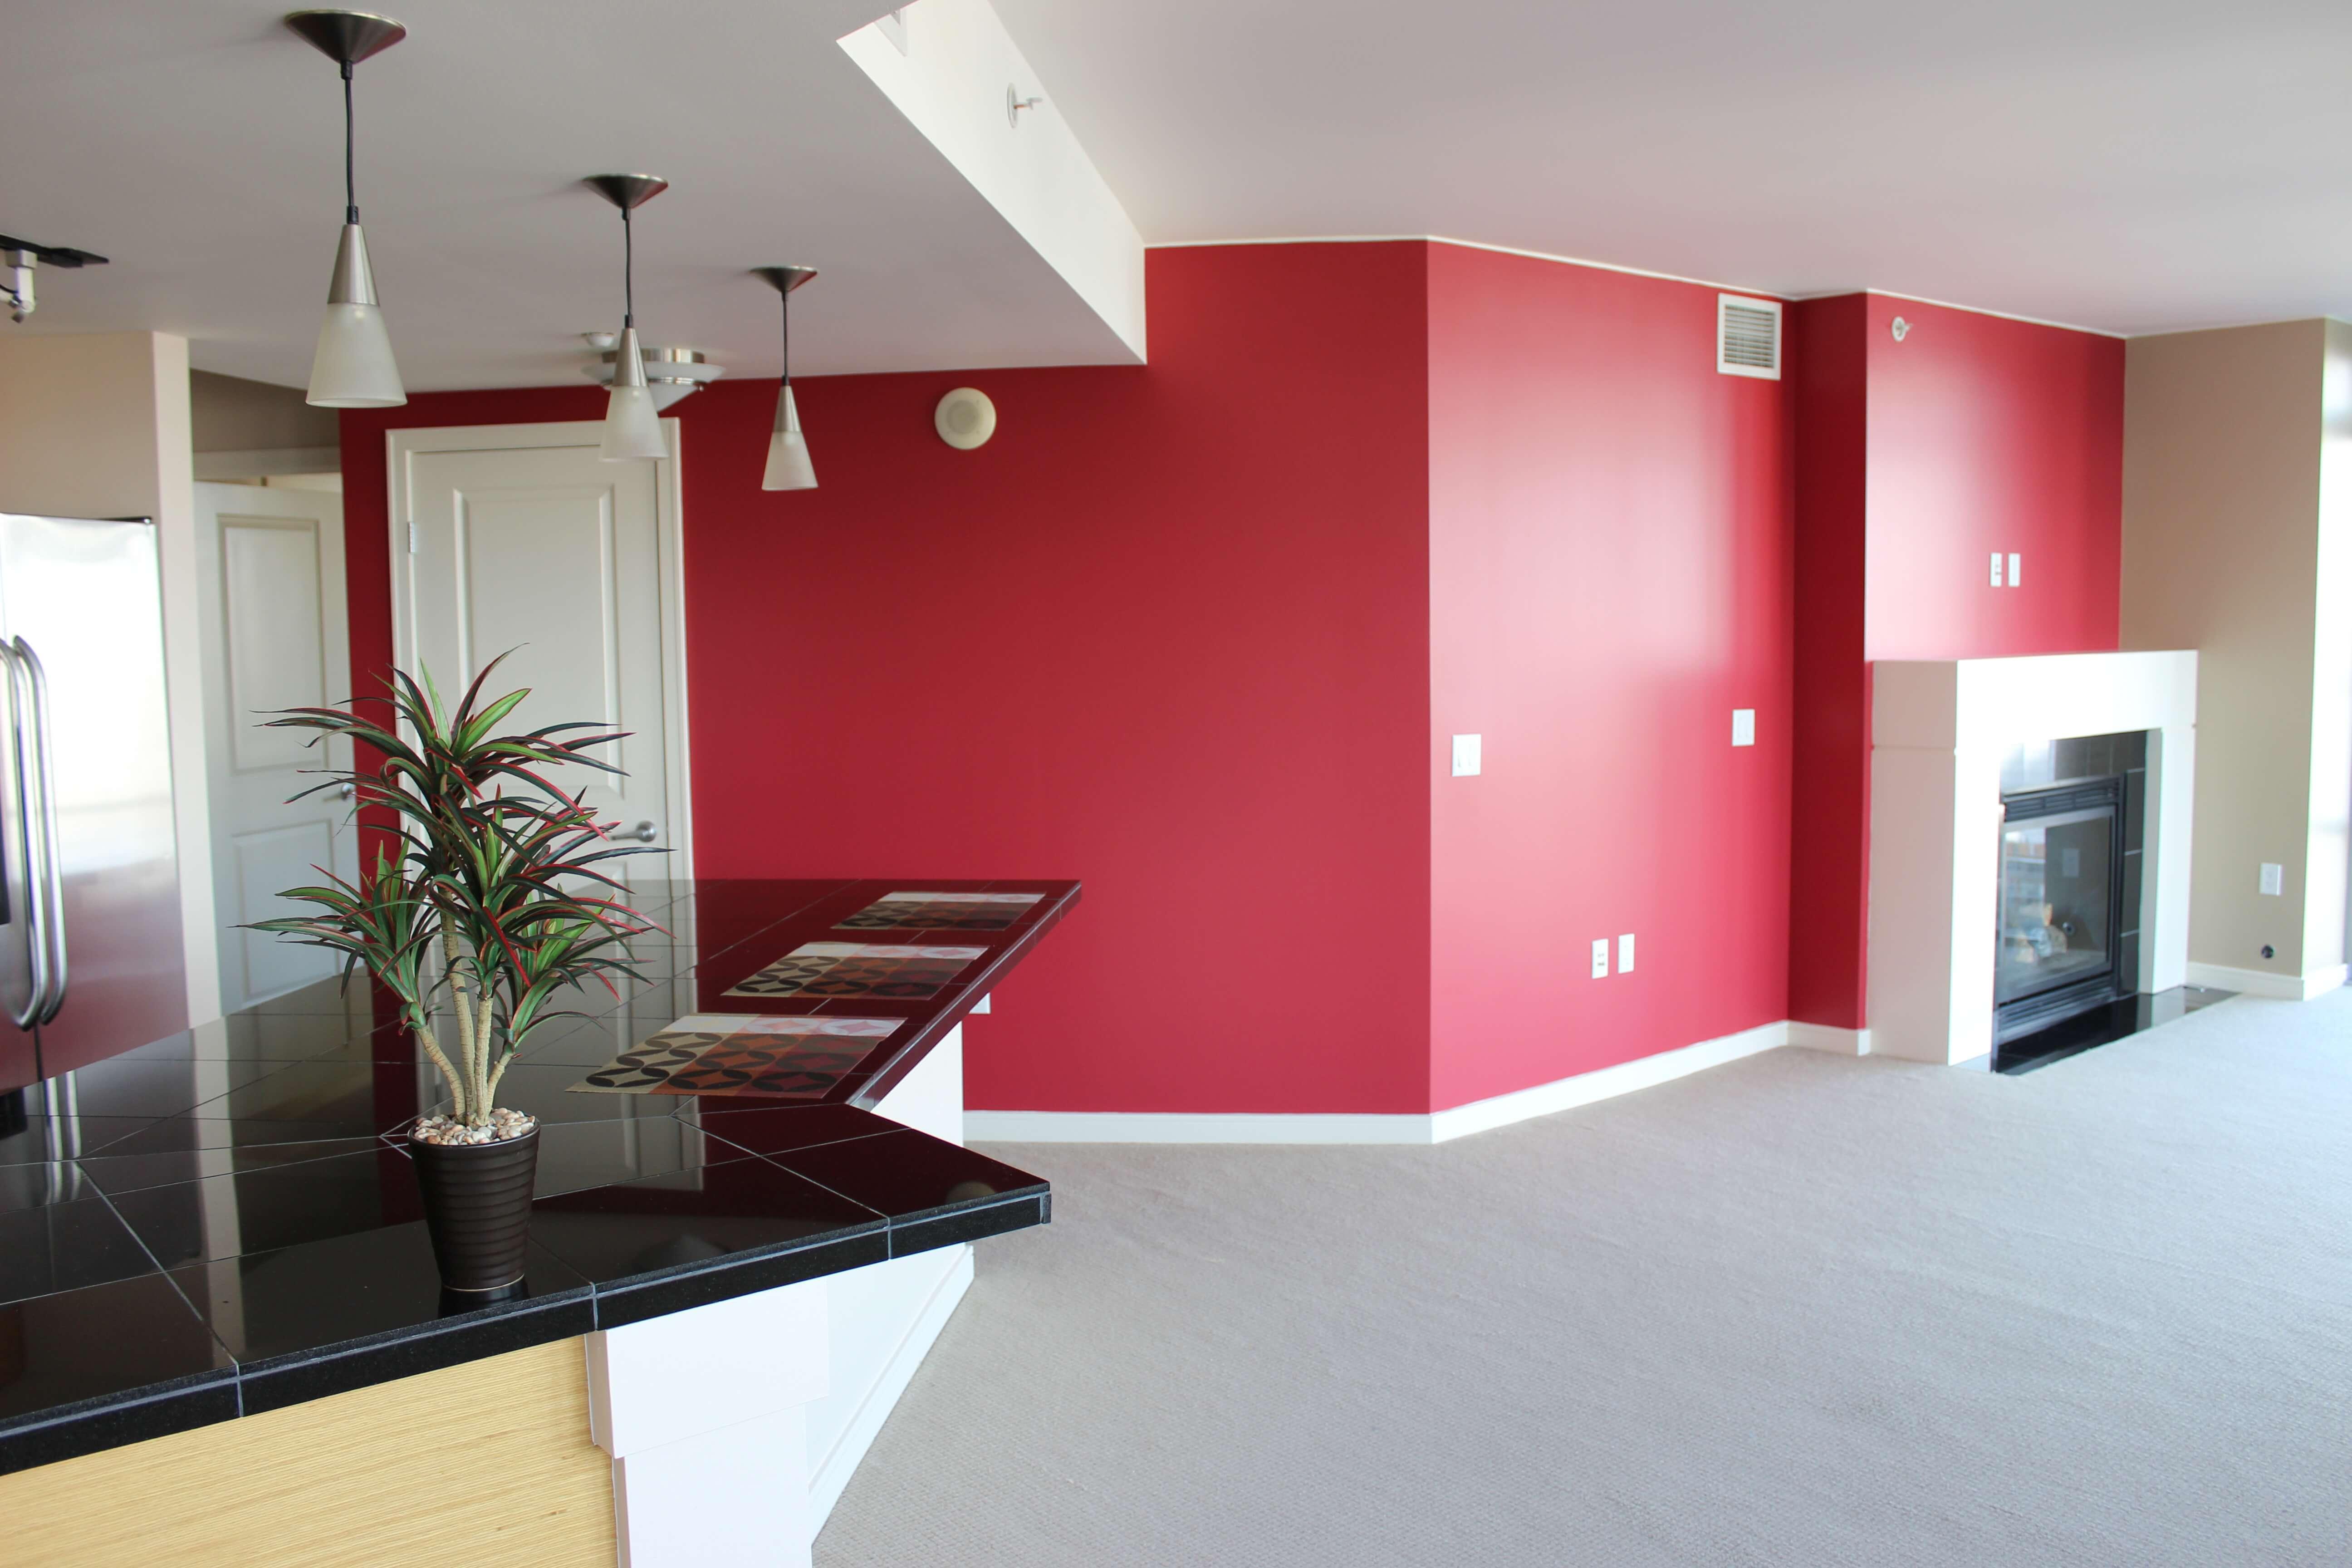 Como elegir el color para pintar mi casa pinturas coche for Colores para techos de casas